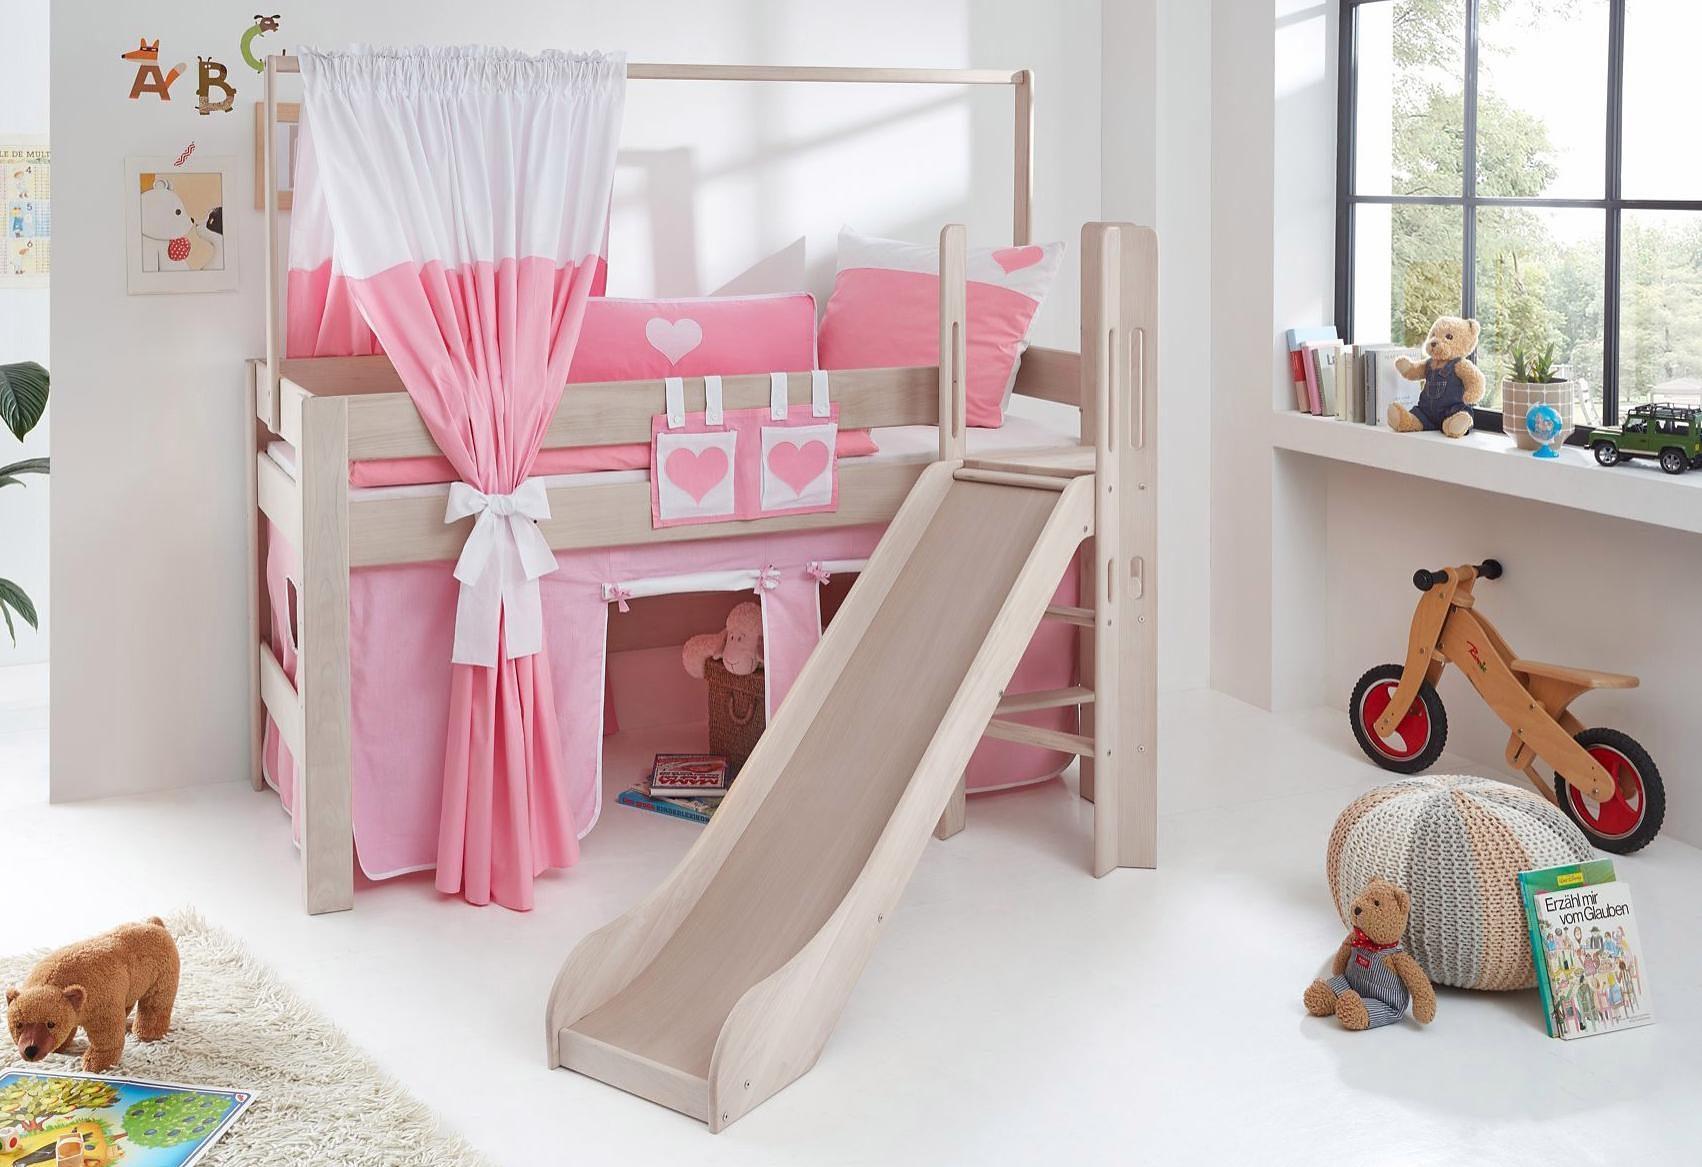 Etagenbett Kinder Rutsche : Etagenbett mit treppe luxus kinder rutsche